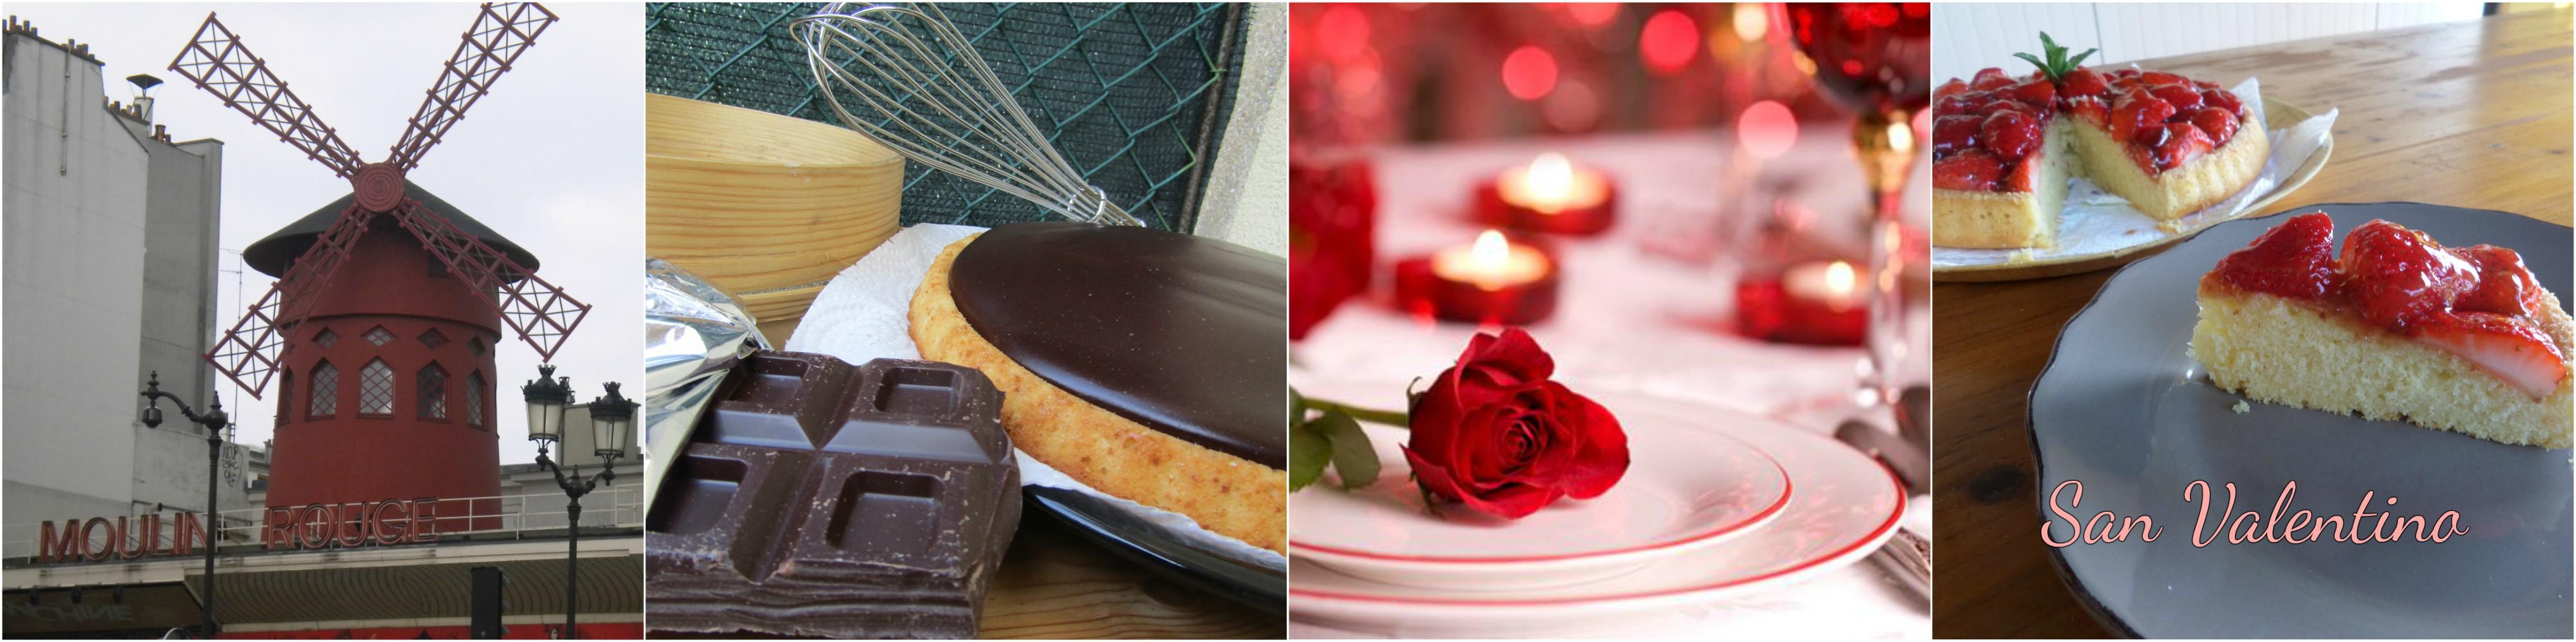 Raccolta di Ricette per San Valentino